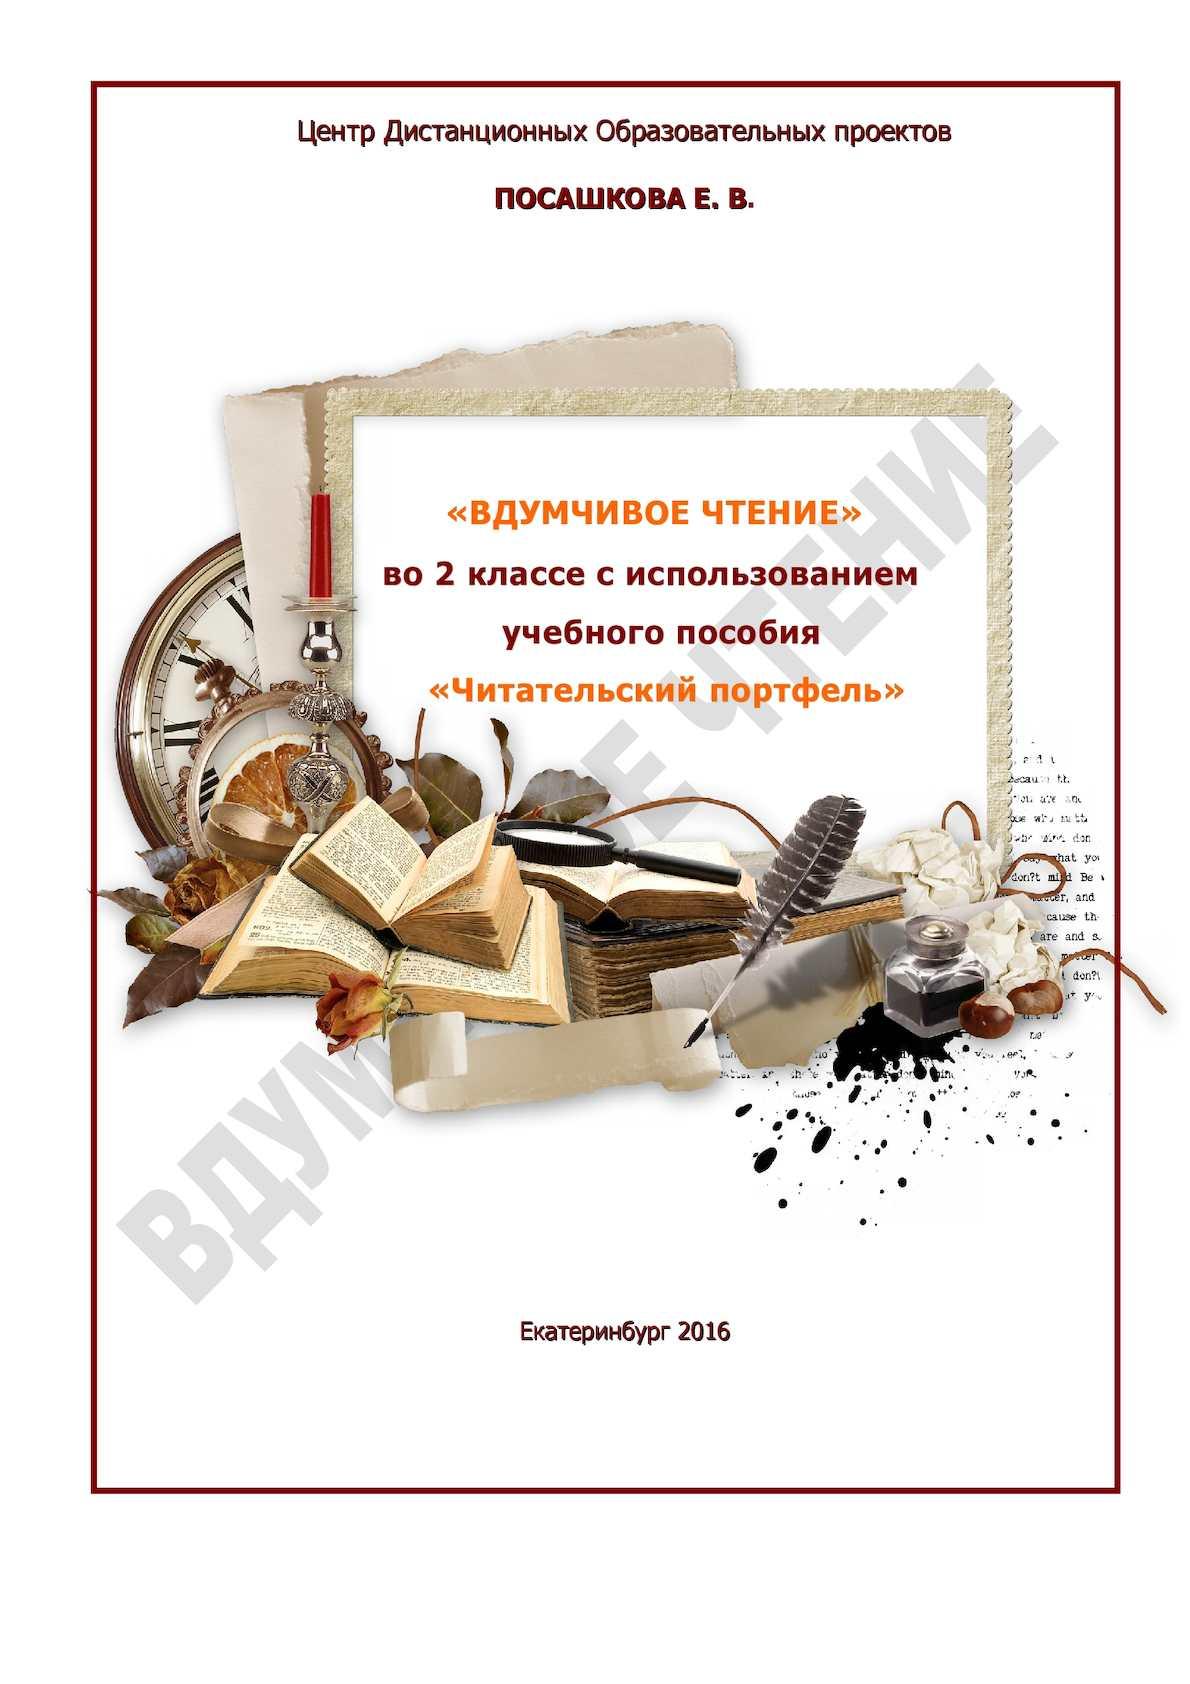 Методическое пособие для 2 класса по программе «Вдумчивое чтение»